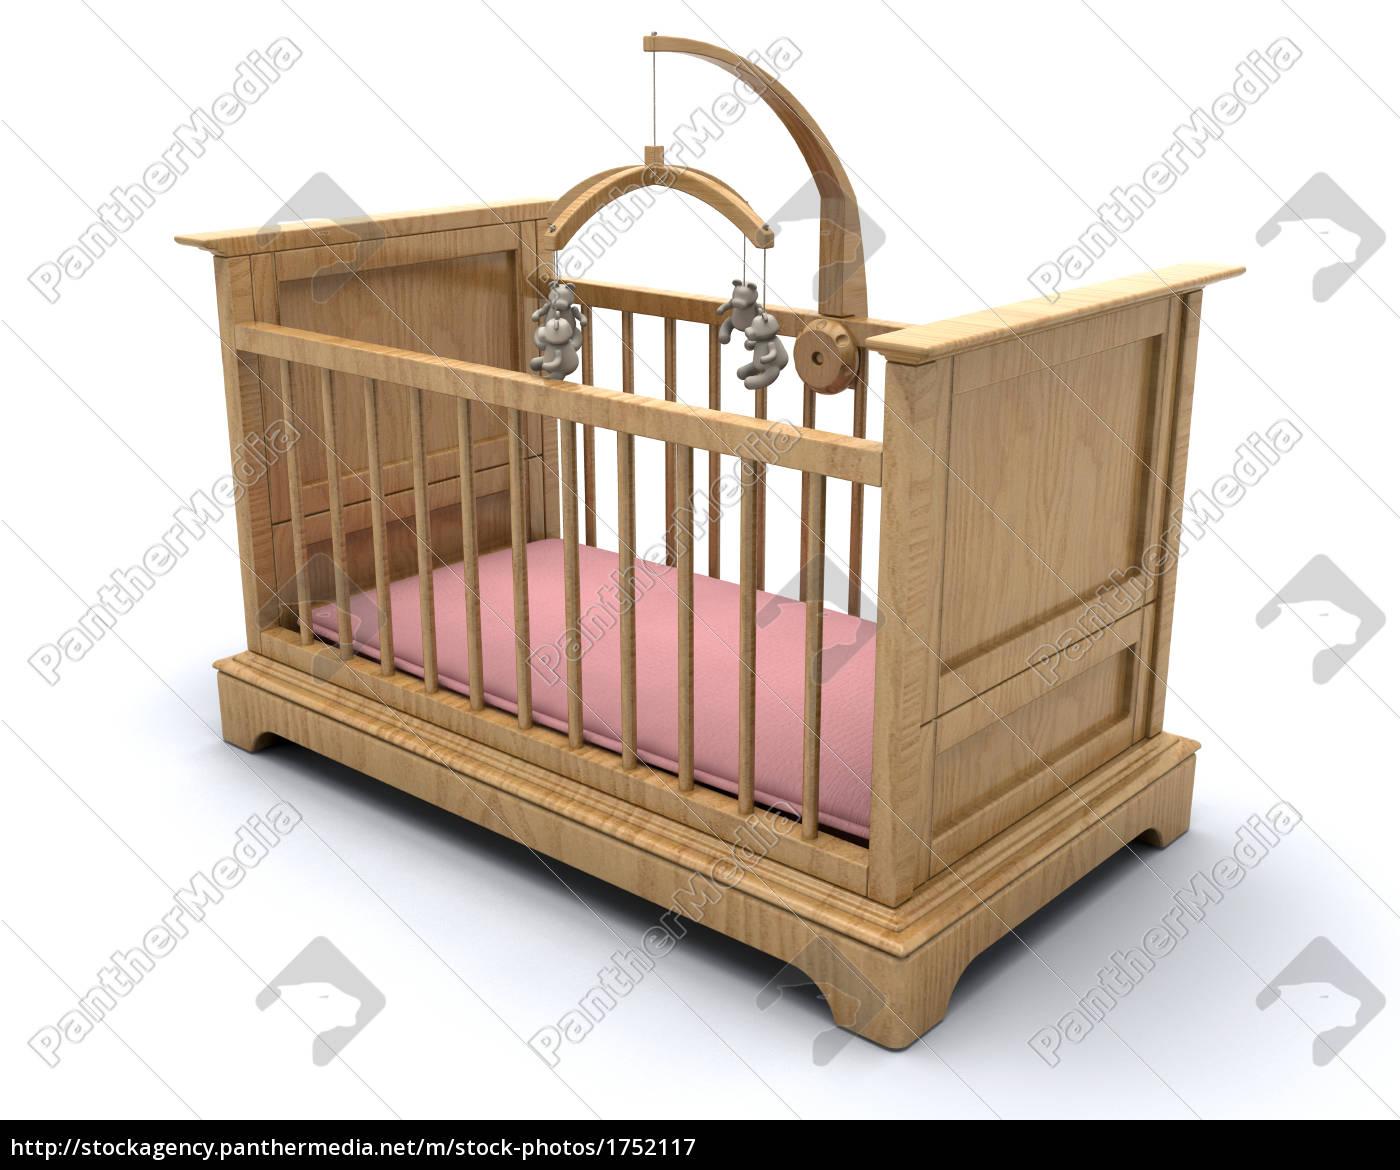 baby's, cot - 1752117